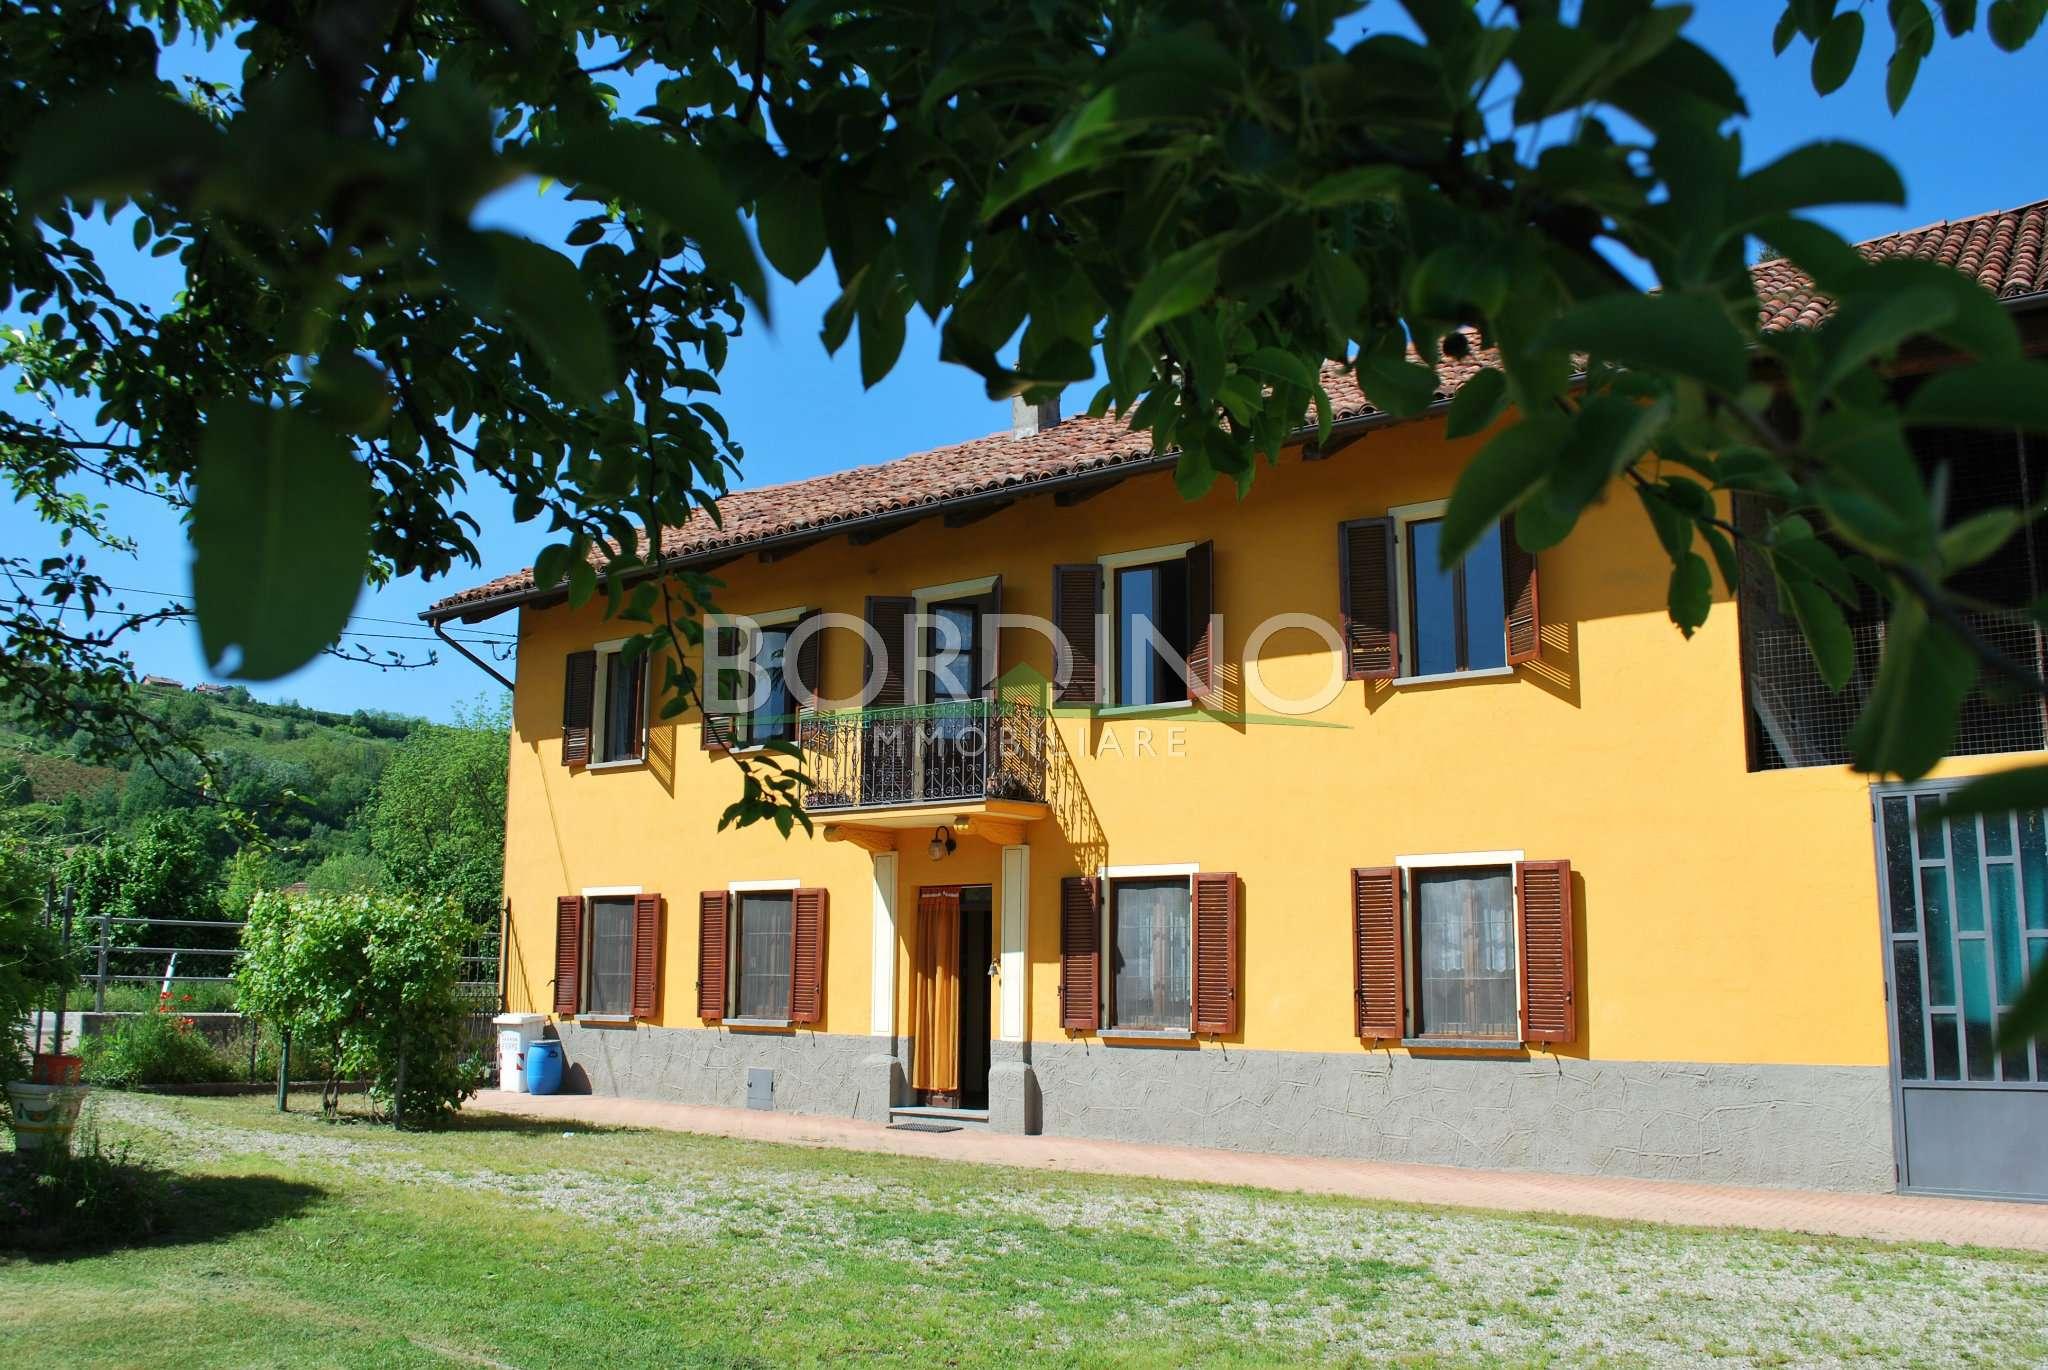 Soluzione Indipendente in vendita a Magliano Alfieri, 6 locali, prezzo € 220.000 | CambioCasa.it